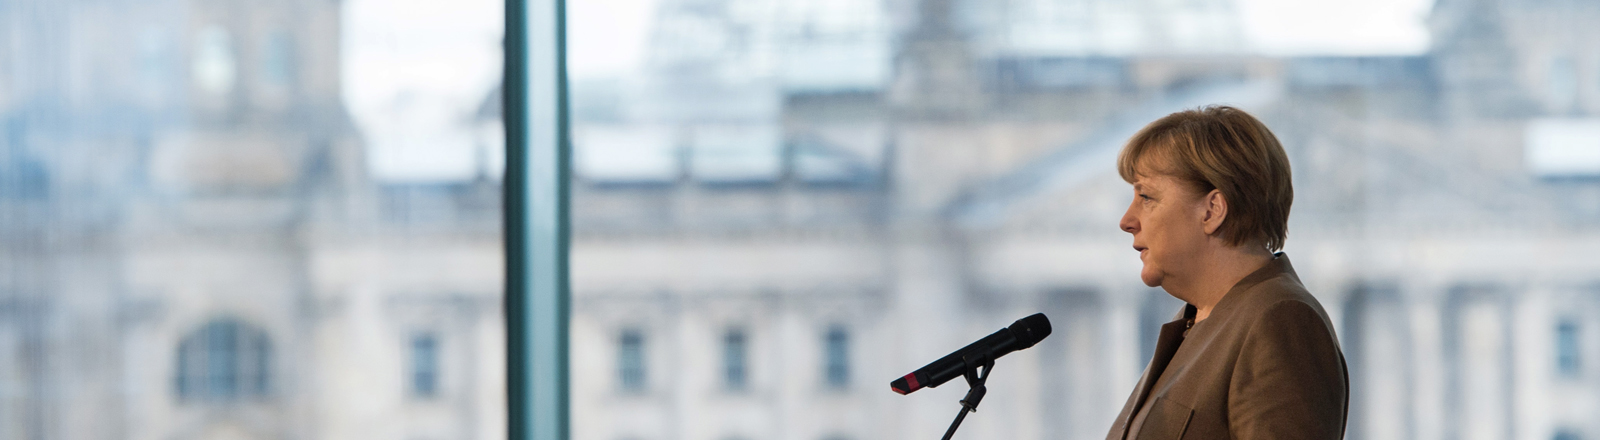 Bundeskanzlerin Angela Merkel (CDU) gibt am 18.11.2015 in der Skylobby des Bundeskanzleramtes in Berlin vor der Kulisse des Reichstages ein Statement zur Absage des Fußball-Länderspiels Deutschland - Niederlande vom Vortag.